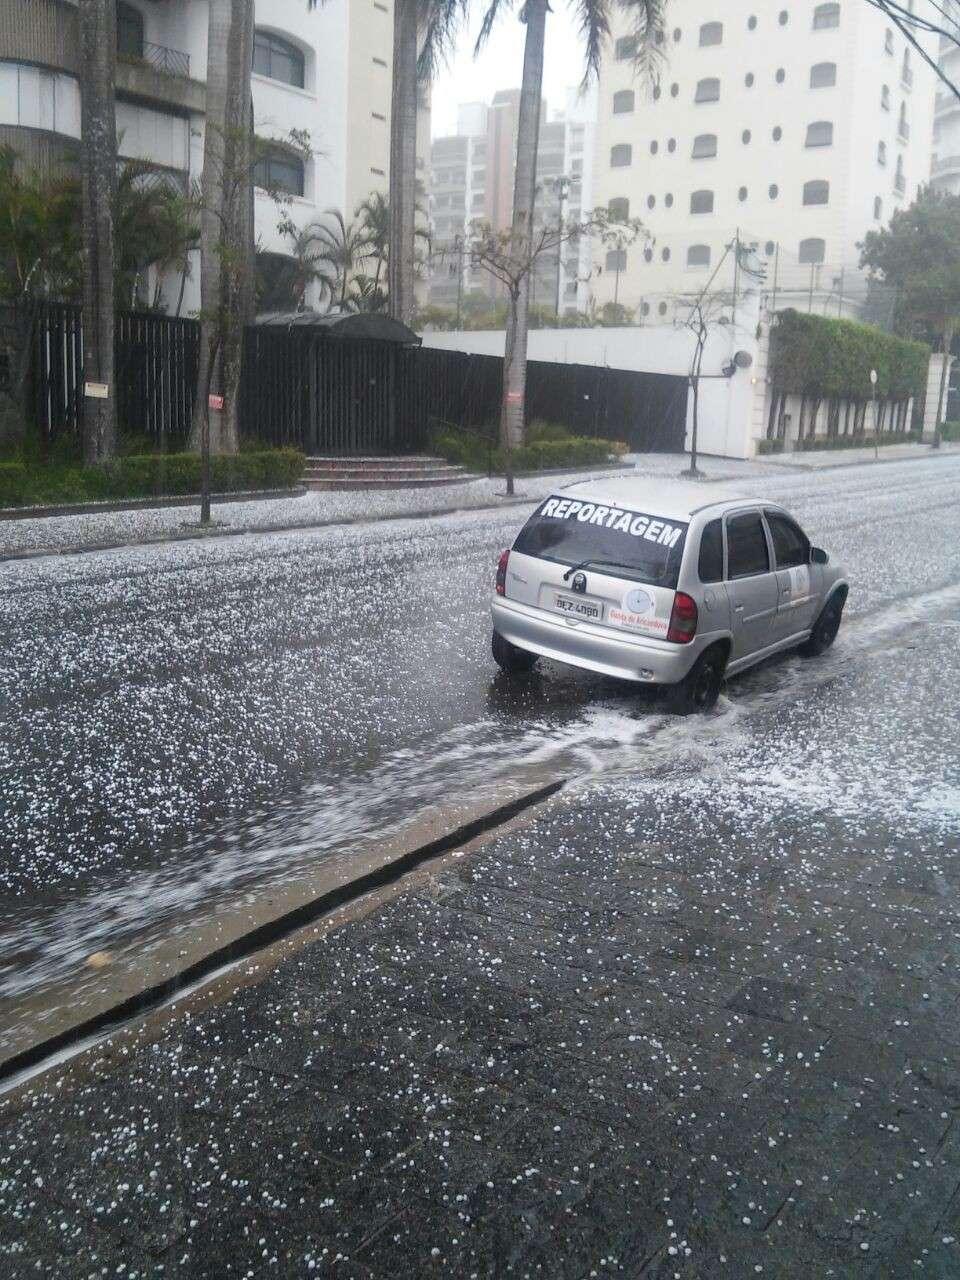 Foto: Rodrigo Barboza Pereira/vc repórter